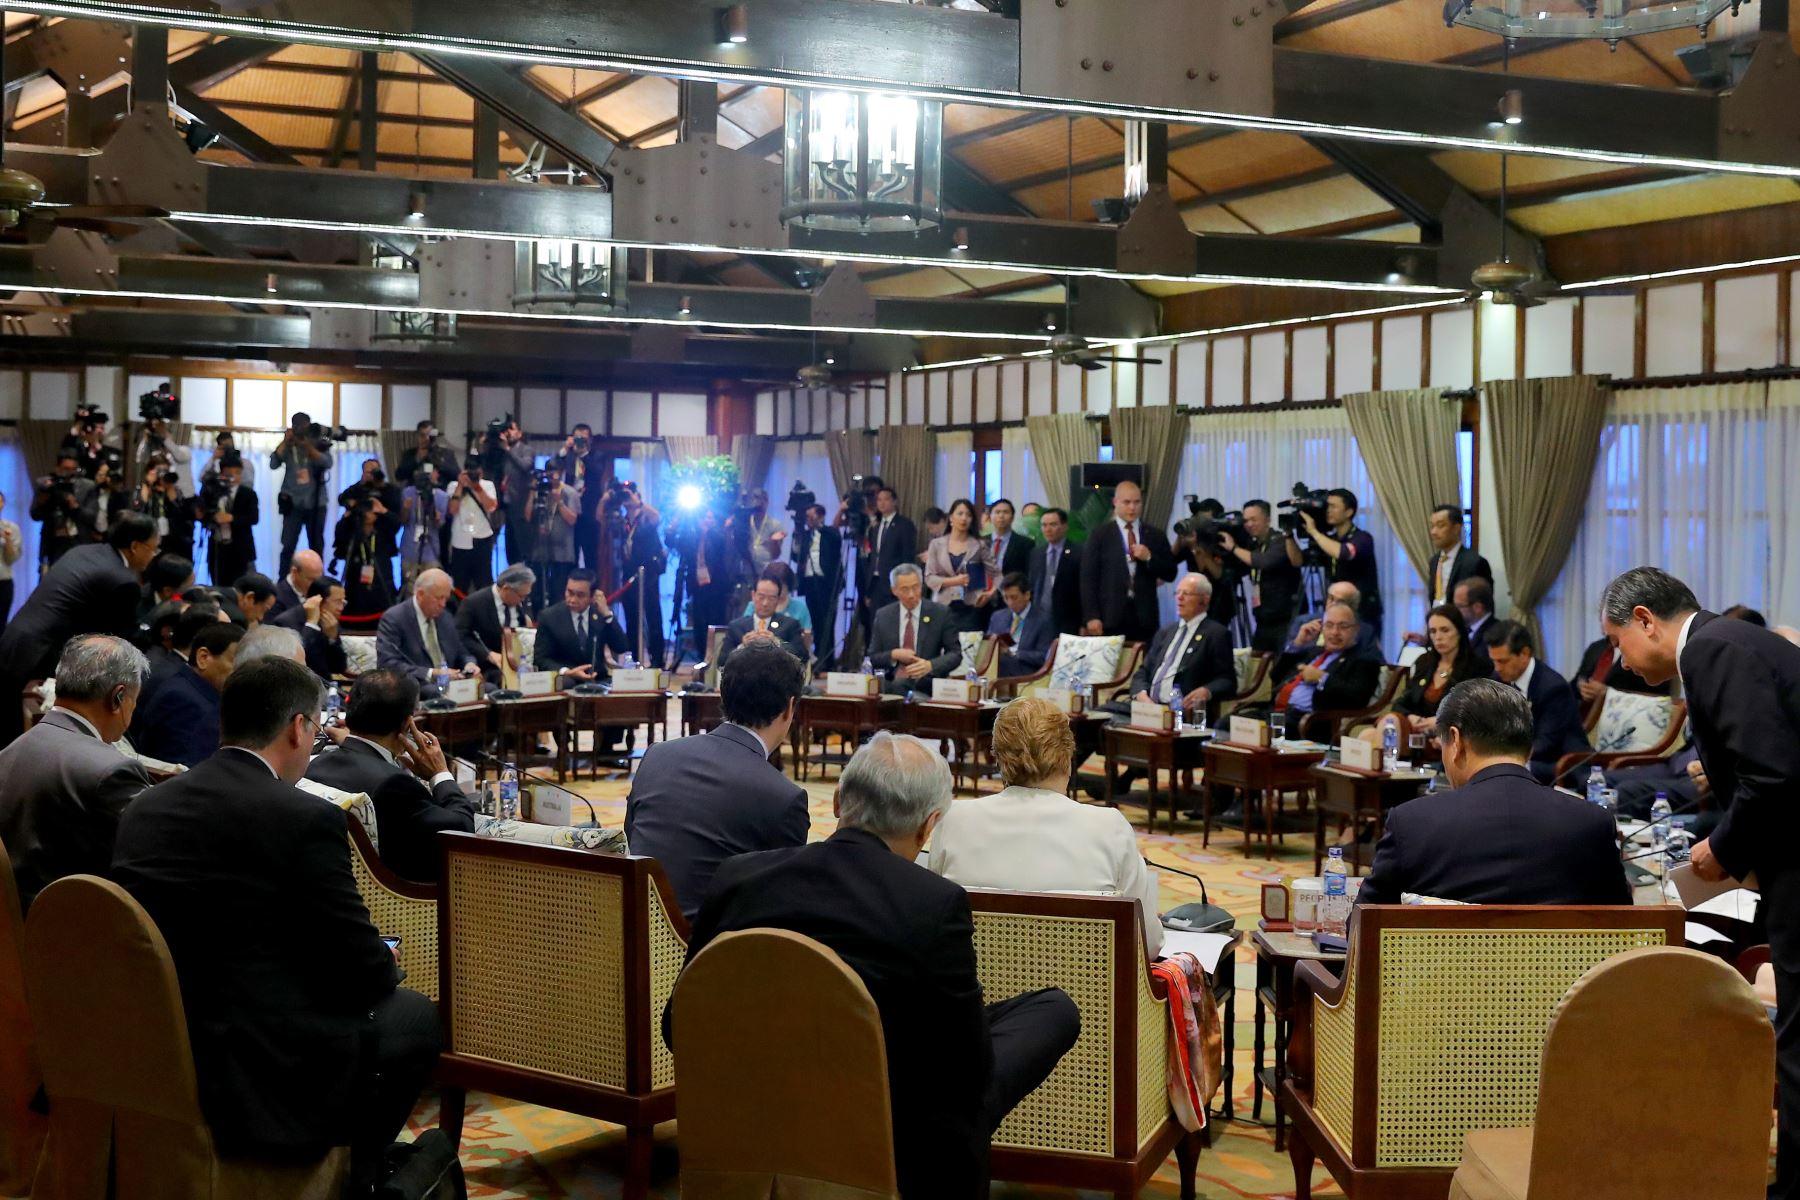 Mandatario peruano participó en diálogo informal con los jefe de Estado de la Asociación de Naciones del Sudoeste Asiático - ASEAN.  Foto: ANDINA/Prensa Presidencia